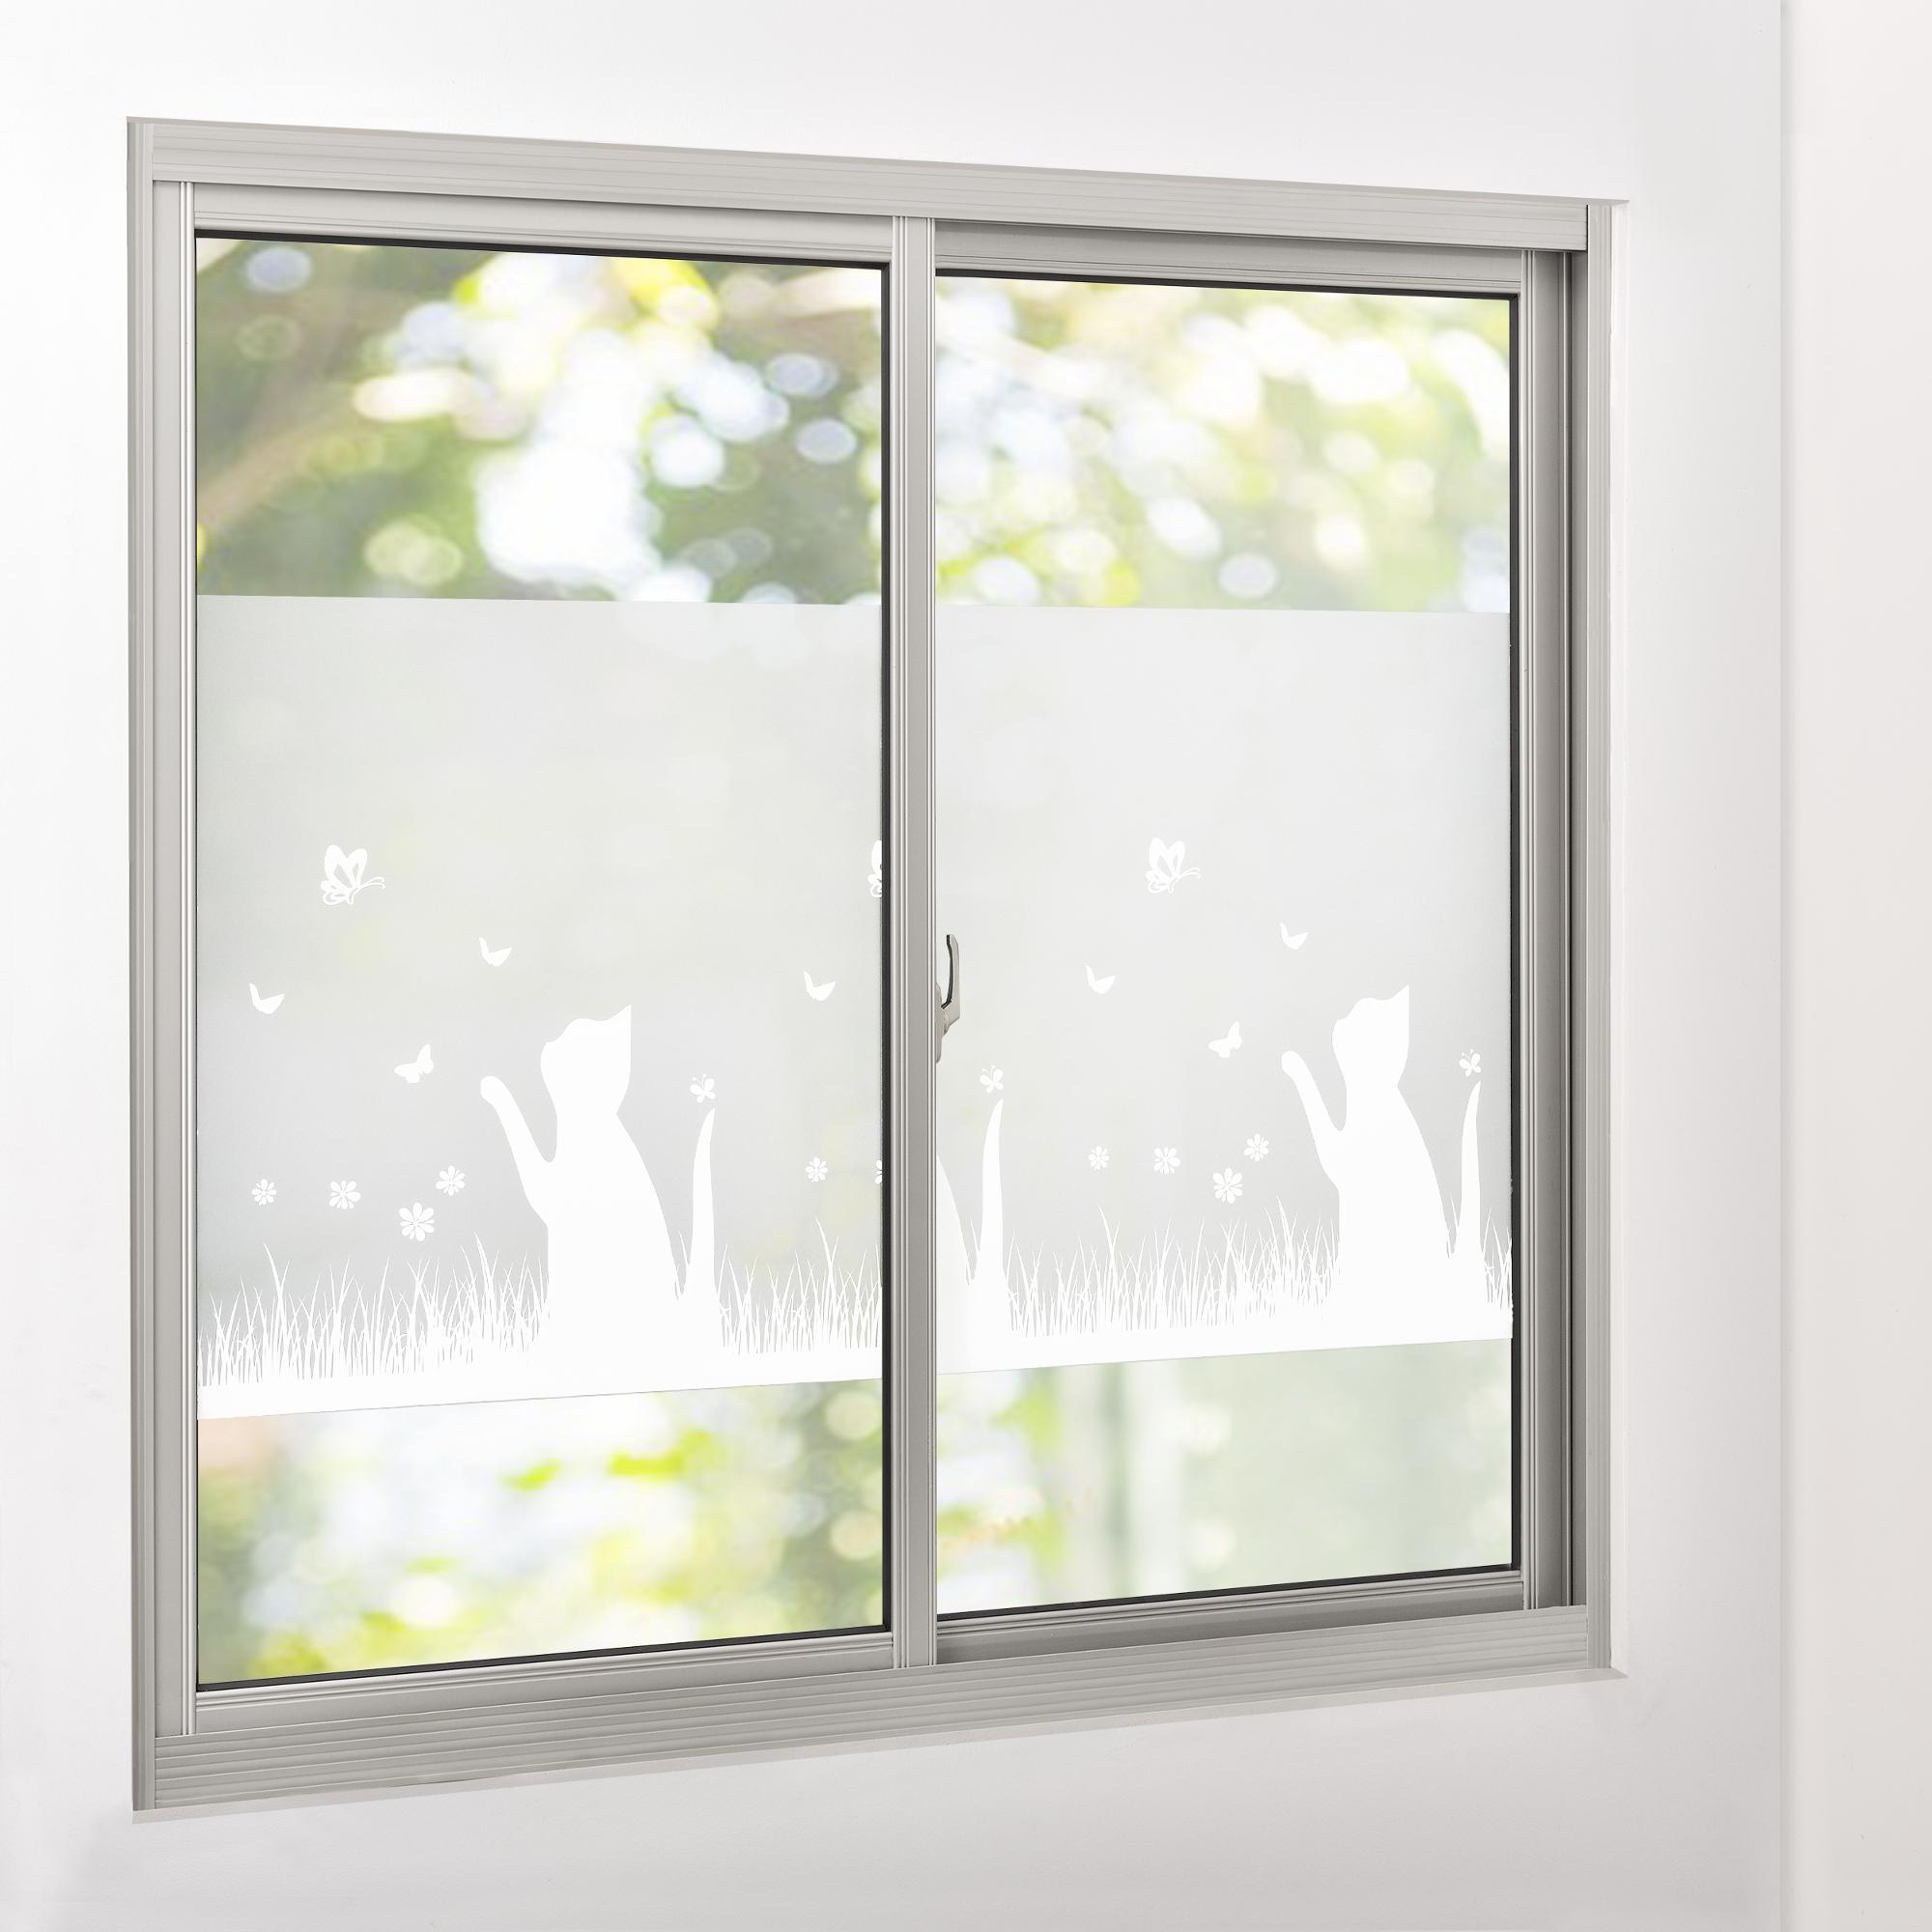 sichtschutzfolie milchglas katze 67 5 cm x 1 m statisch fenster 4059438088926 ebay. Black Bedroom Furniture Sets. Home Design Ideas